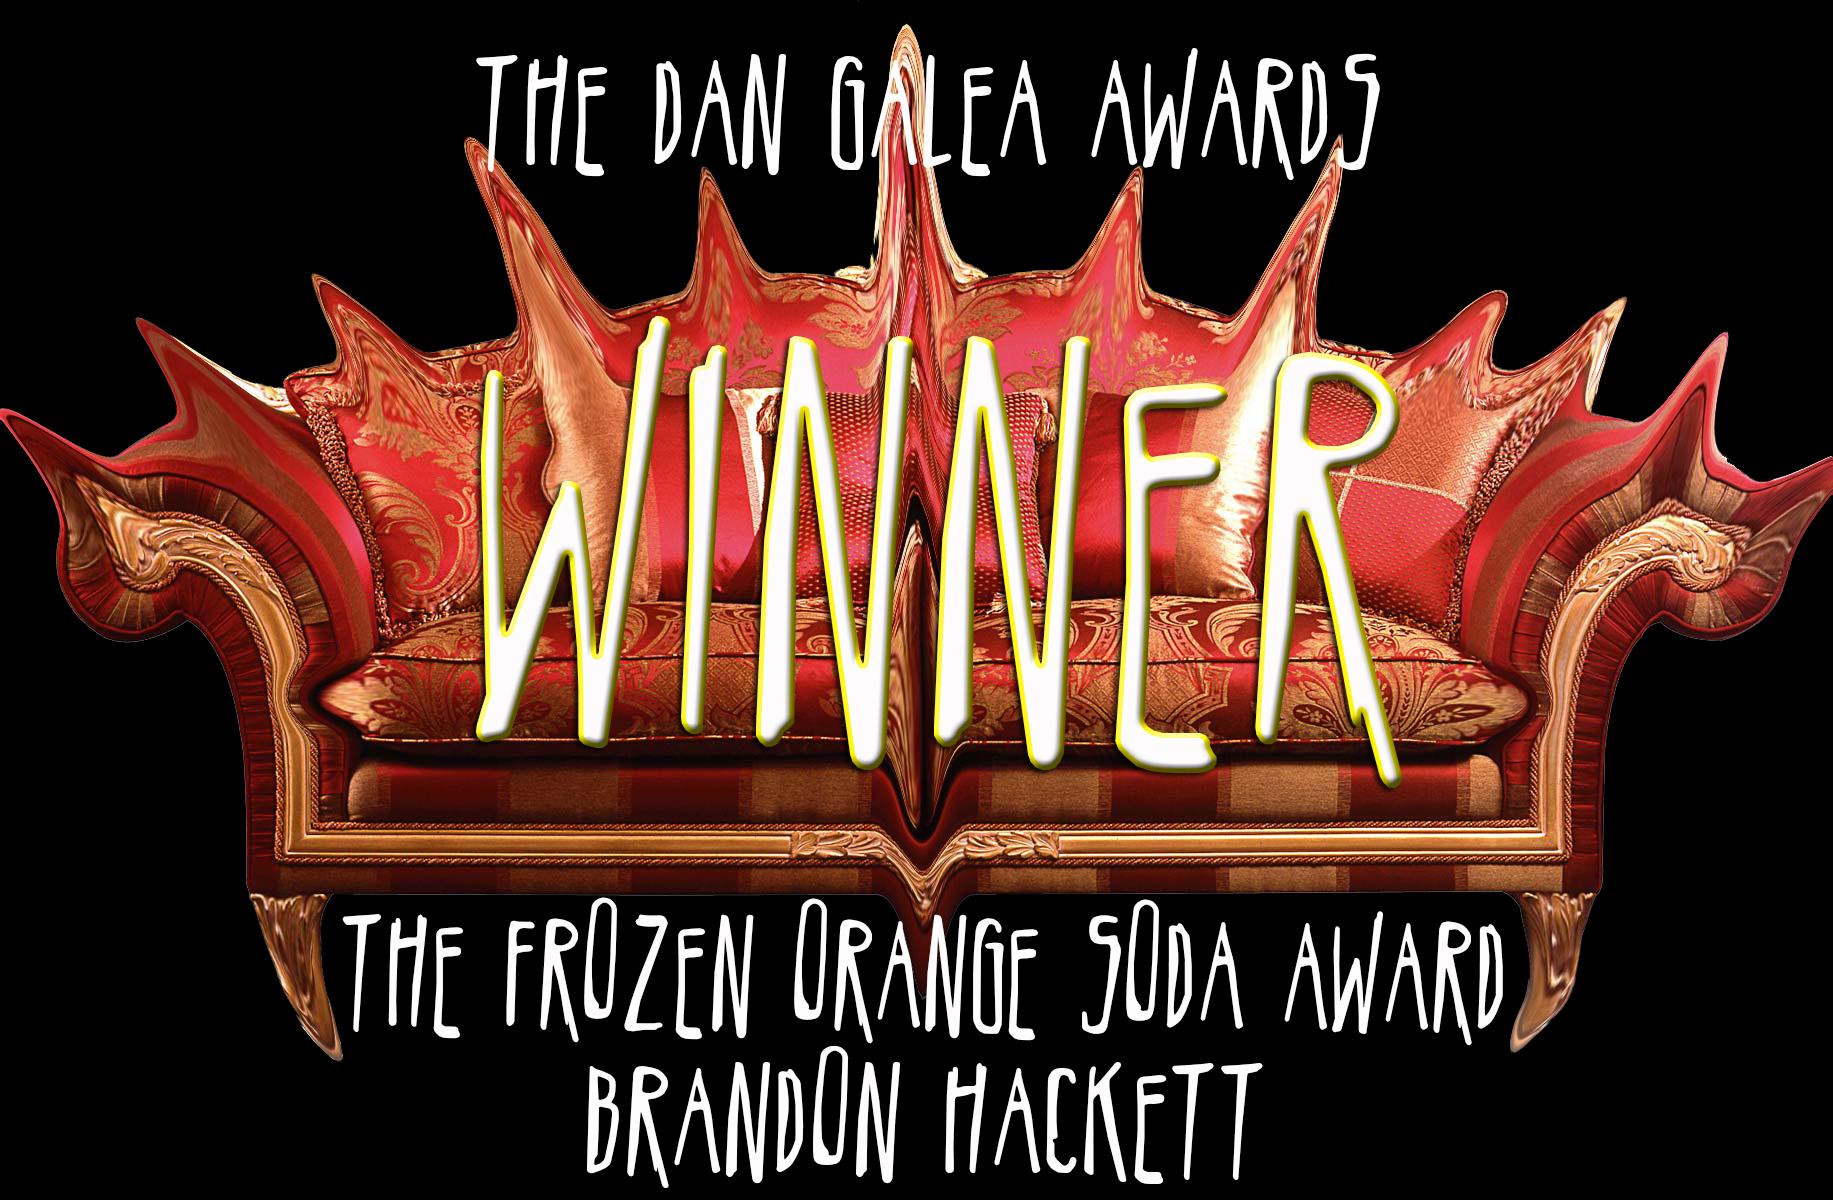 DGawards Brandon hackett.jpg